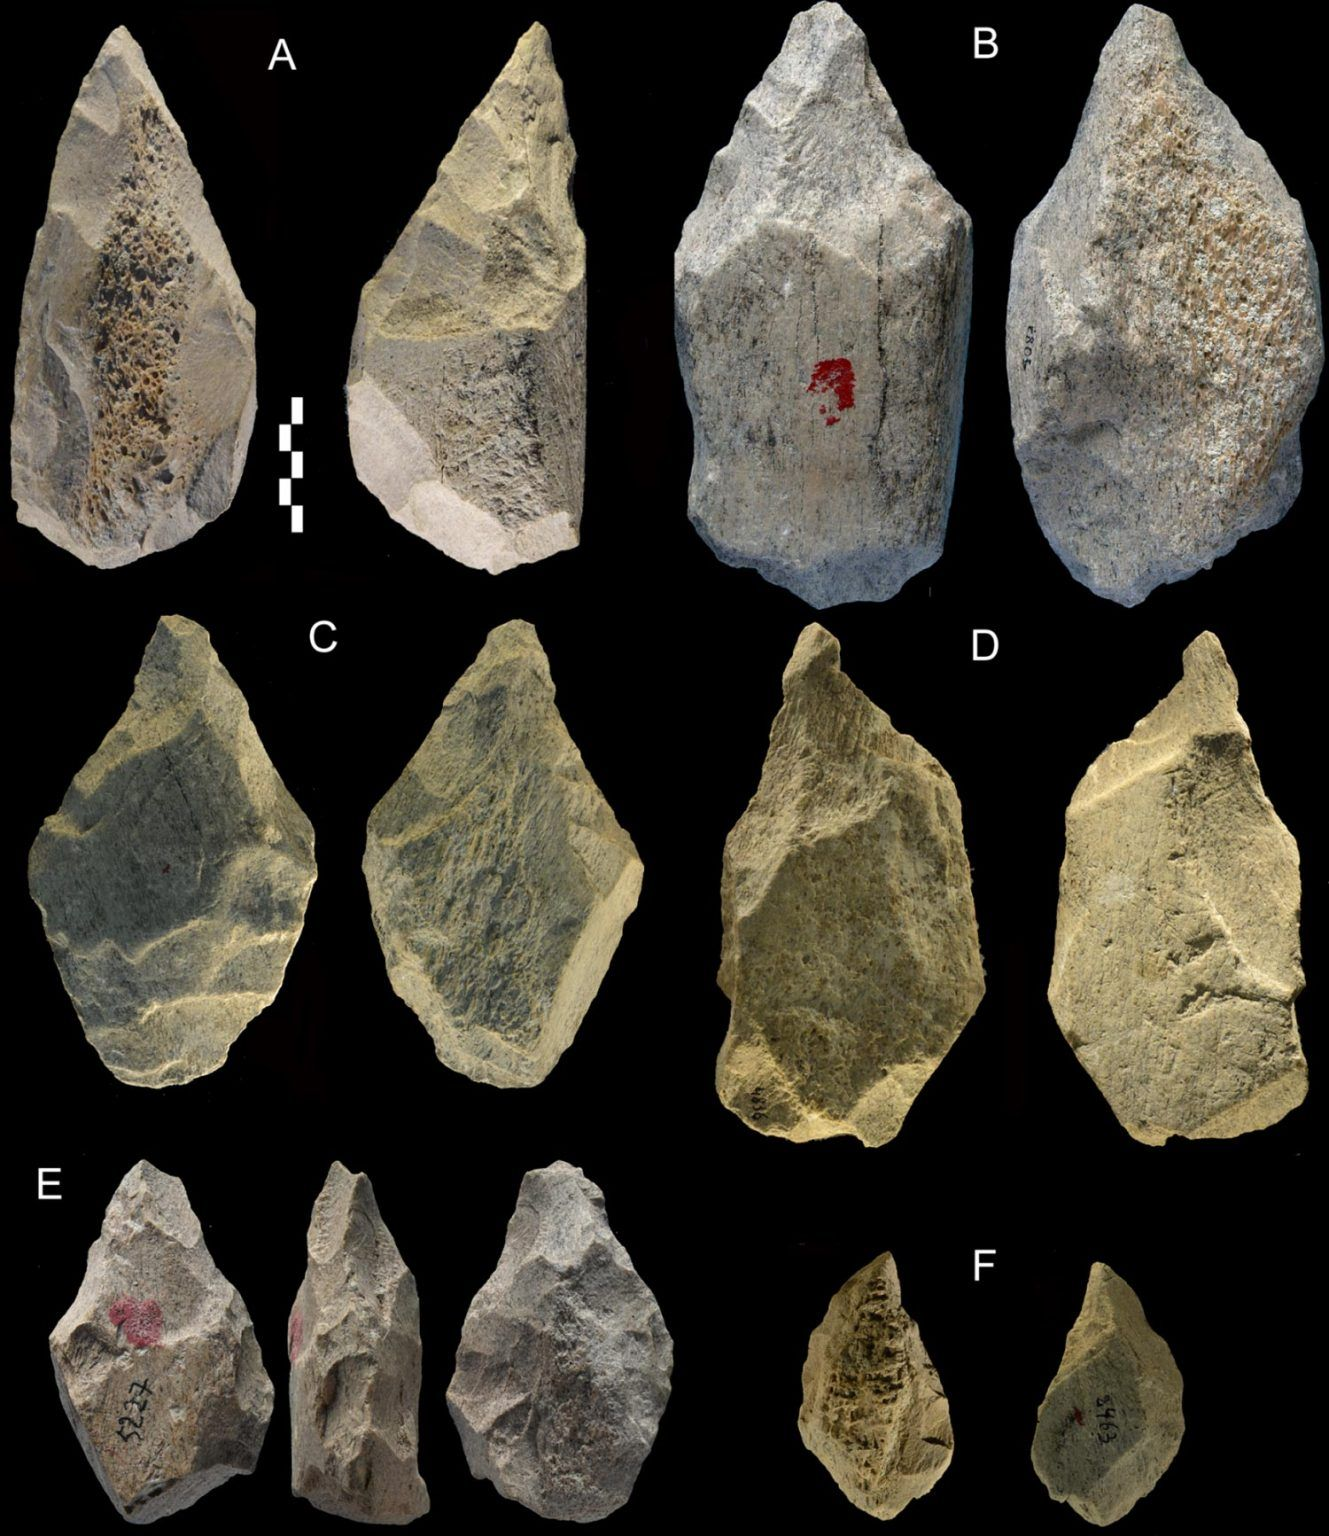 意大利考古发现40万年前古人类已利用大象骨头制作各种工具